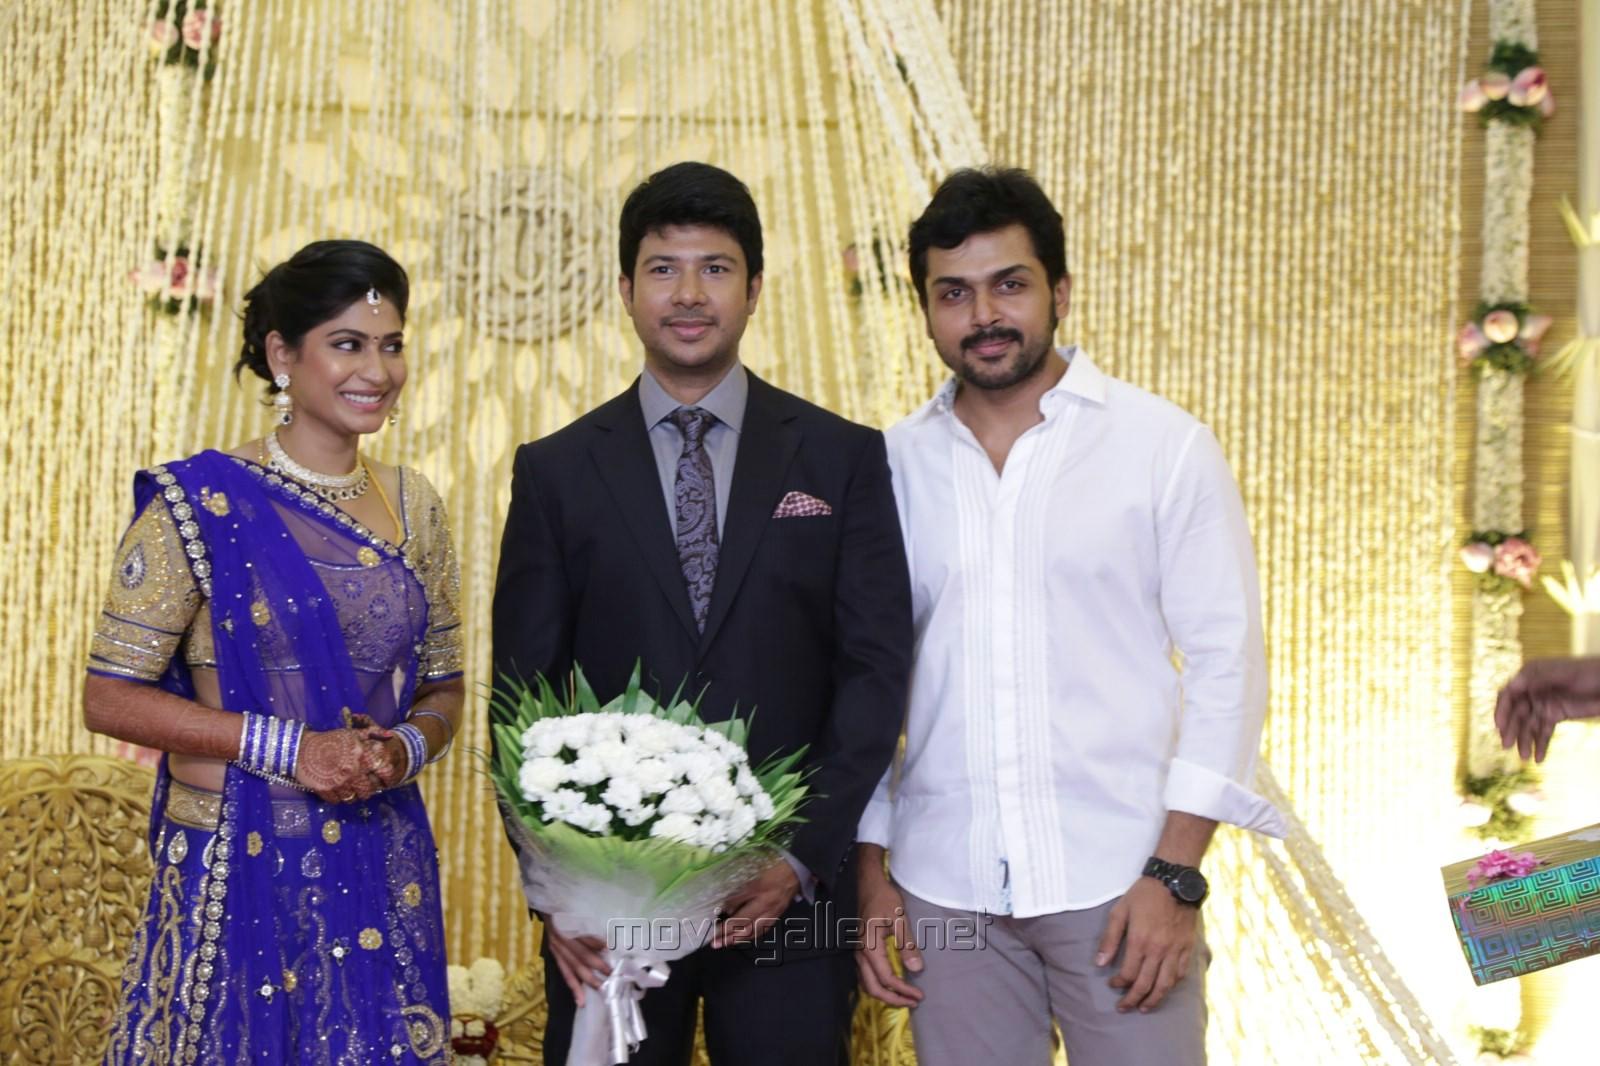 Tamil Actor Actress Photoshoot Stillsunseen Family Photoswedding Photos Actress Vijayalakshmi Wedding Reception Photos